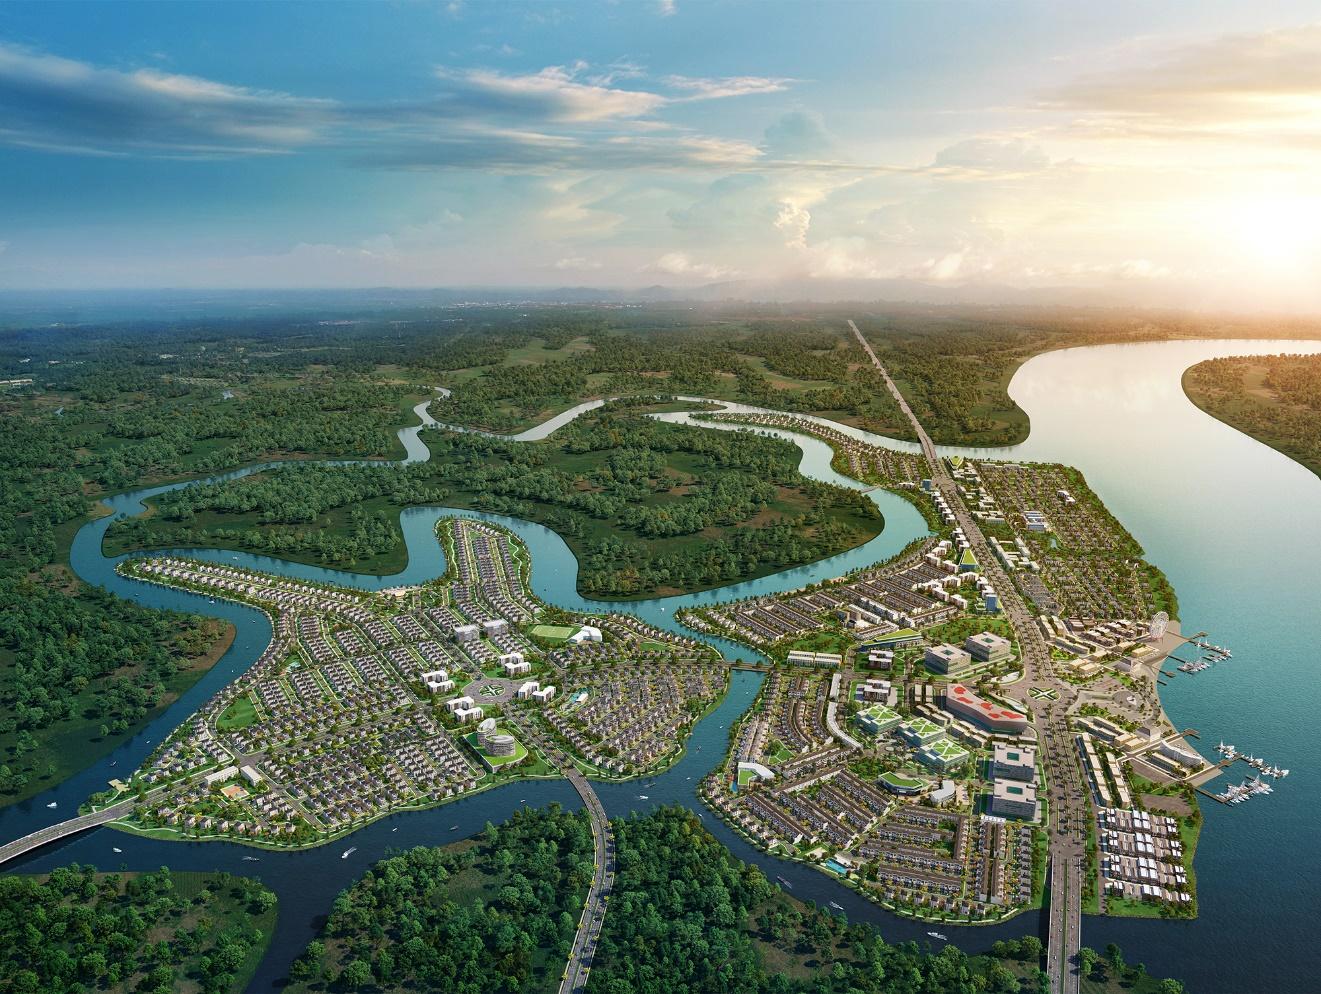 Mở rộng phát triển mô hình dự án mới, Novaland tạo dấu ấn trên thị trường vốn quốc tế  - Ảnh 1